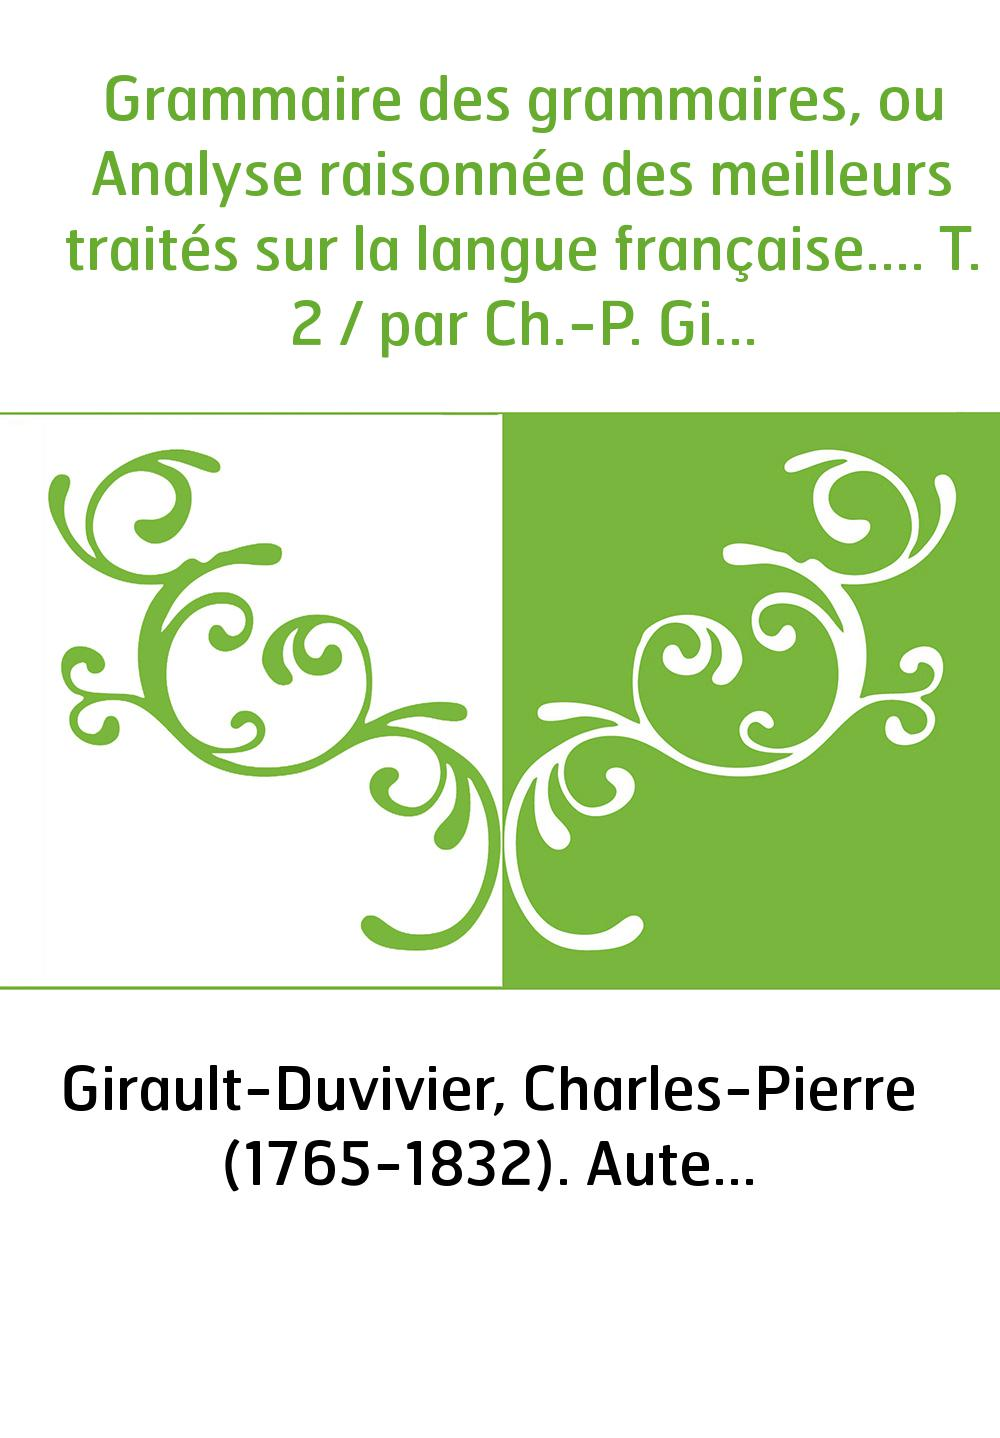 Grammaire des grammaires, ou Analyse raisonnée des meilleurs traités sur la langue française.... T. 2 / par Ch.-P. Girault-Duviv